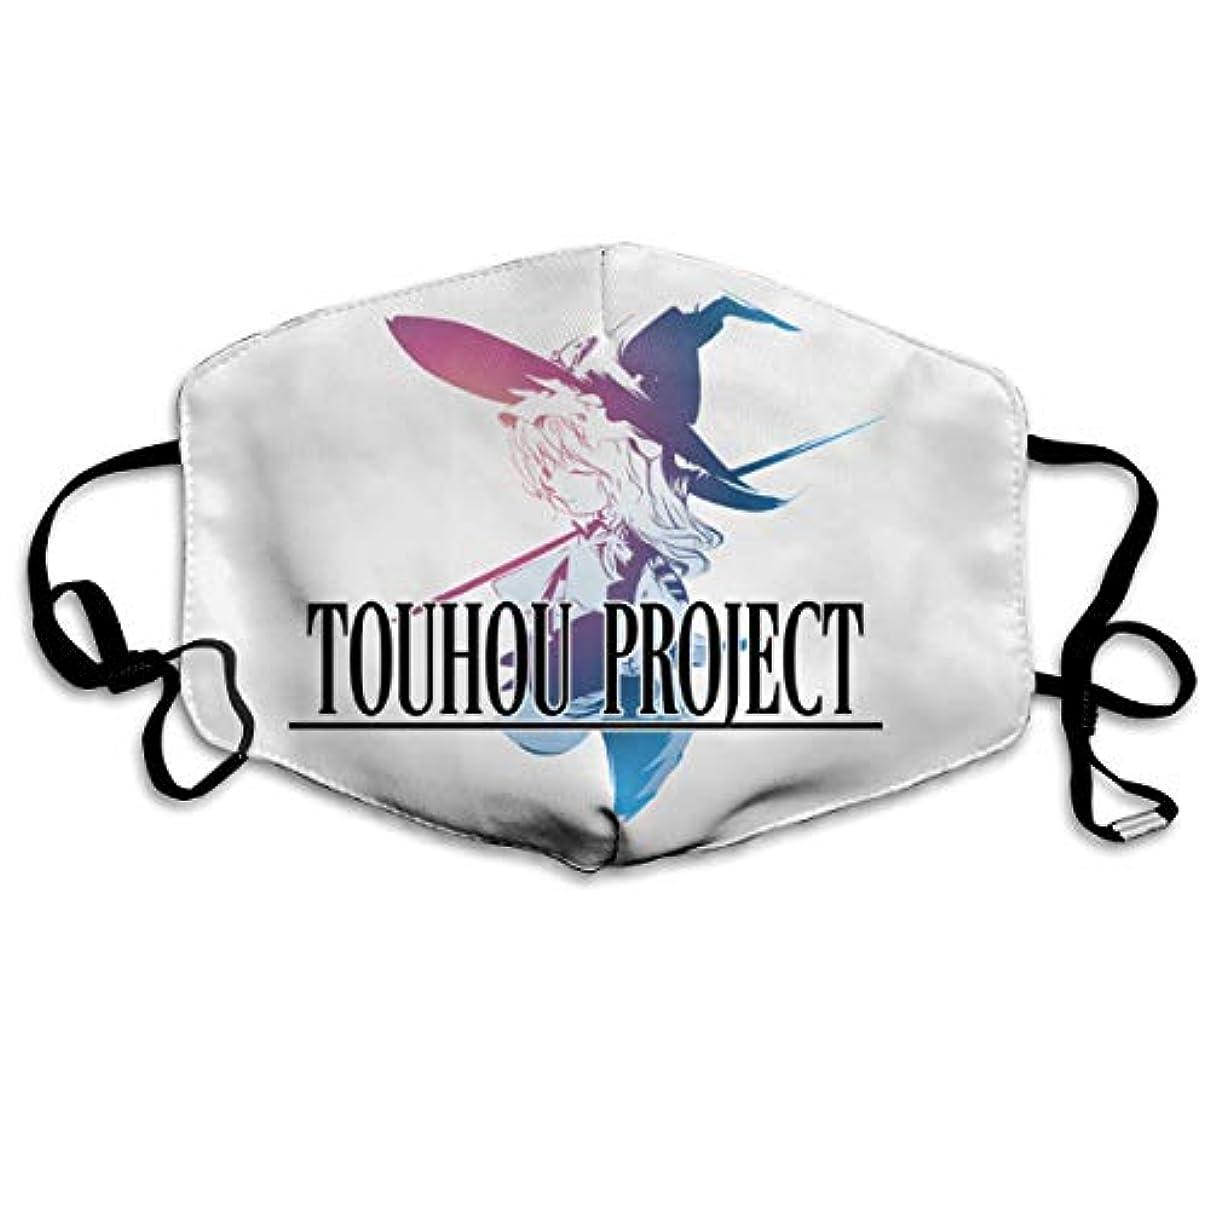 修正するストレッチ広告するマスク Final Fantasy5 立体構造マスク ファッションスタイル マスク 花粉症防止対策マスク デザイン マスク 肌荒れしない 風邪対応風邪予防 男女兼用